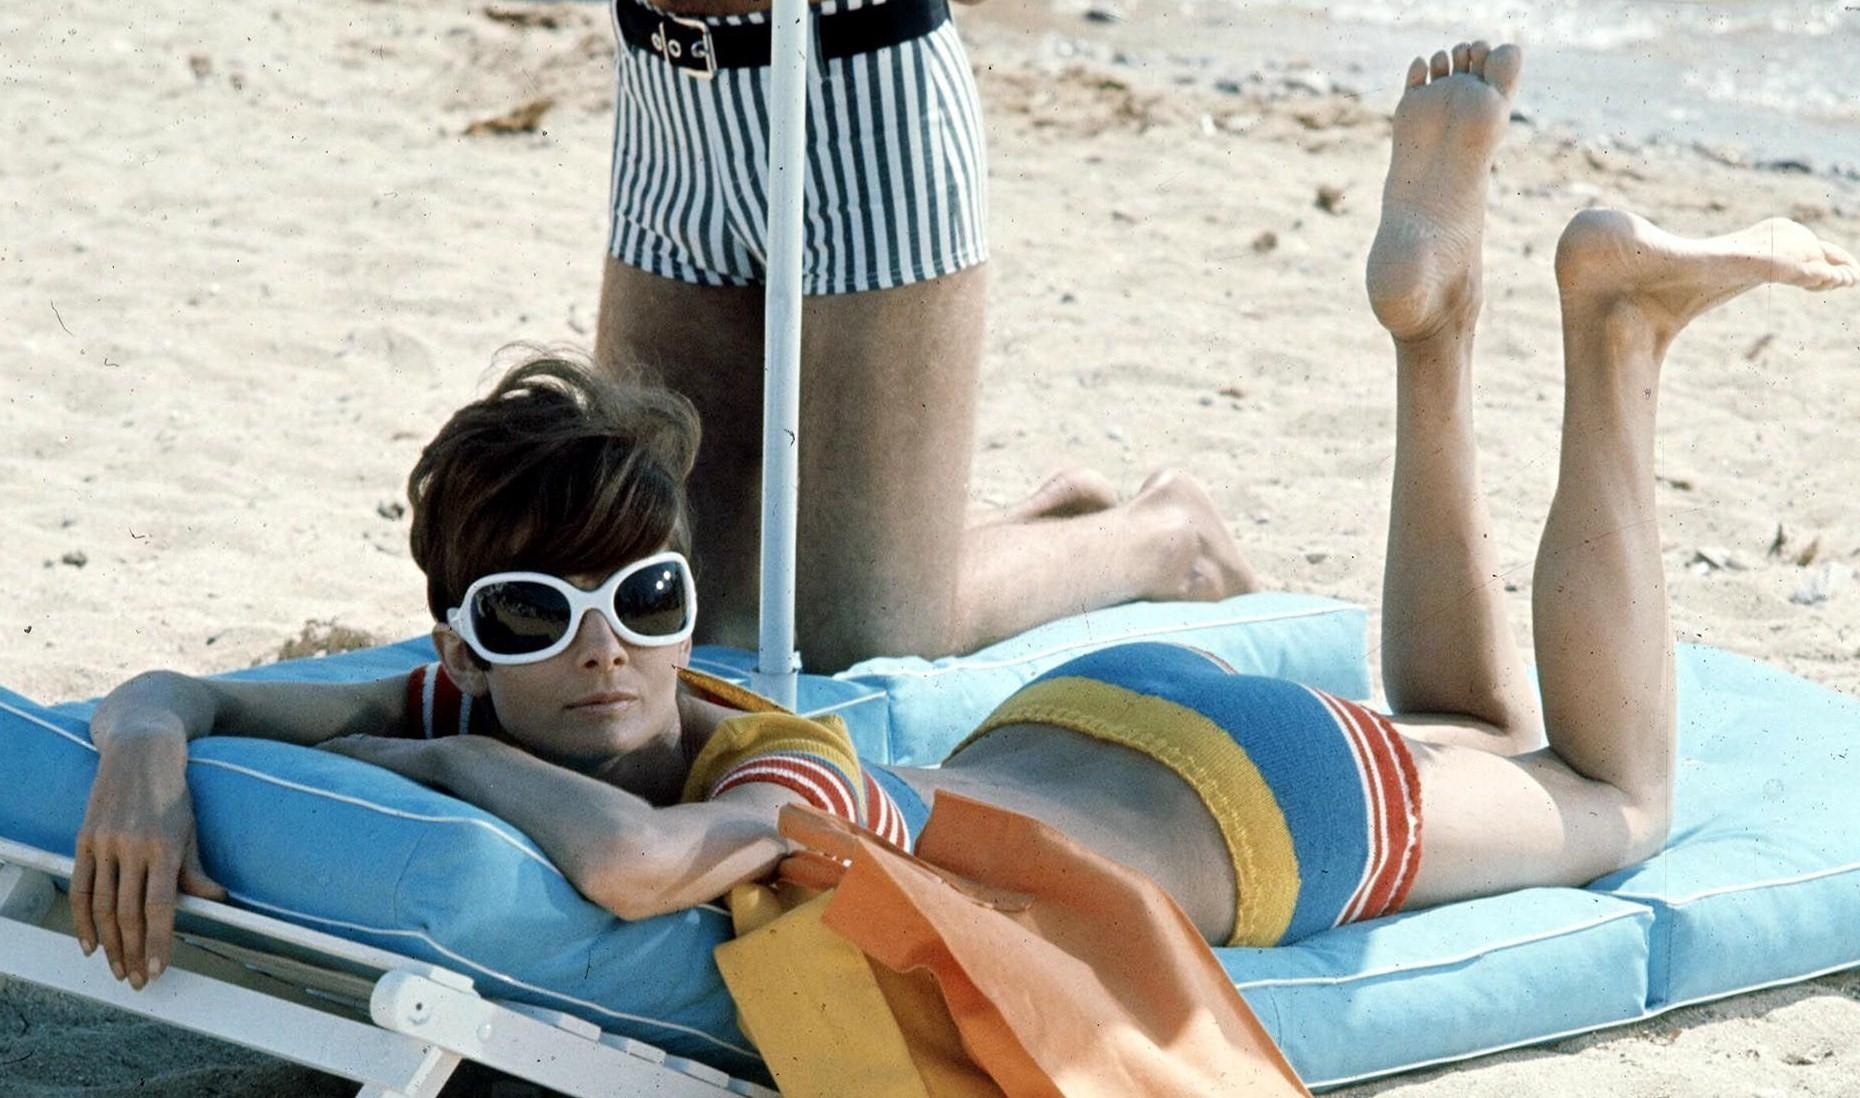 Thời trang Hè - Audrey Hepburn mặc đồ bơi kẻ sọc, đeo kính râm to bản